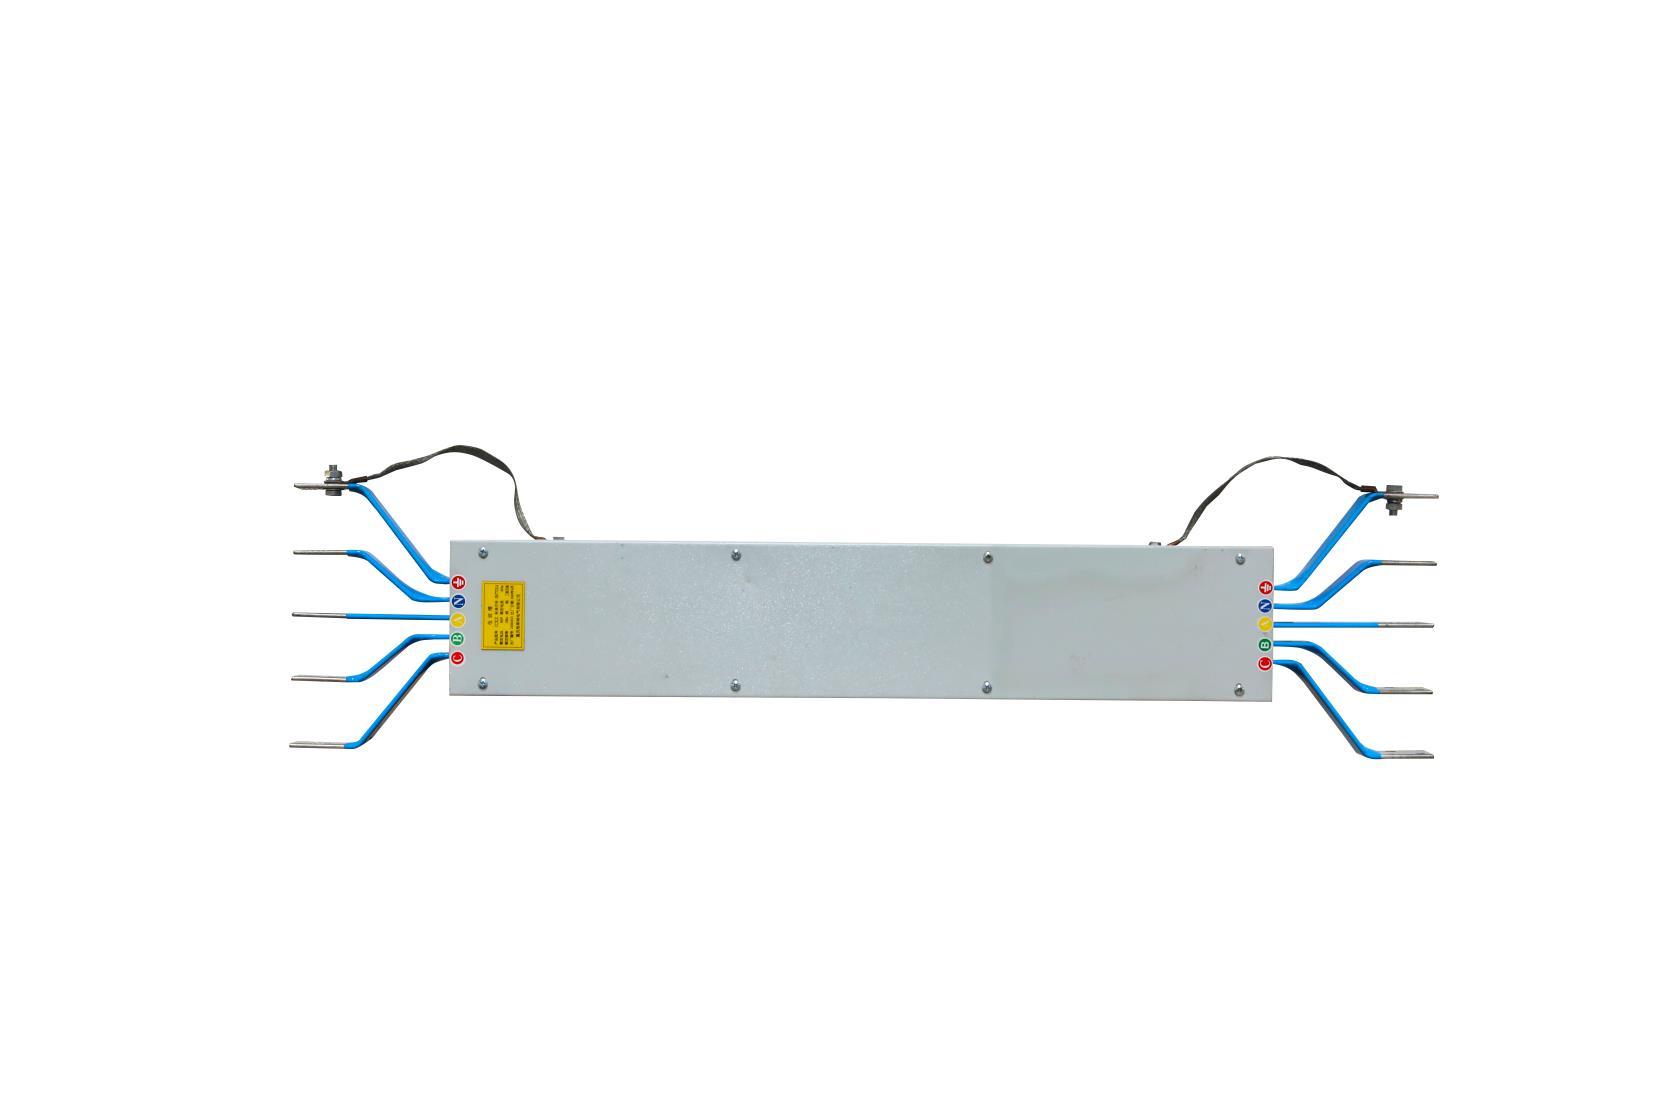 母线槽系统是一个高效输送电流的配电装置,尤其适应了越来越高的建筑物和大